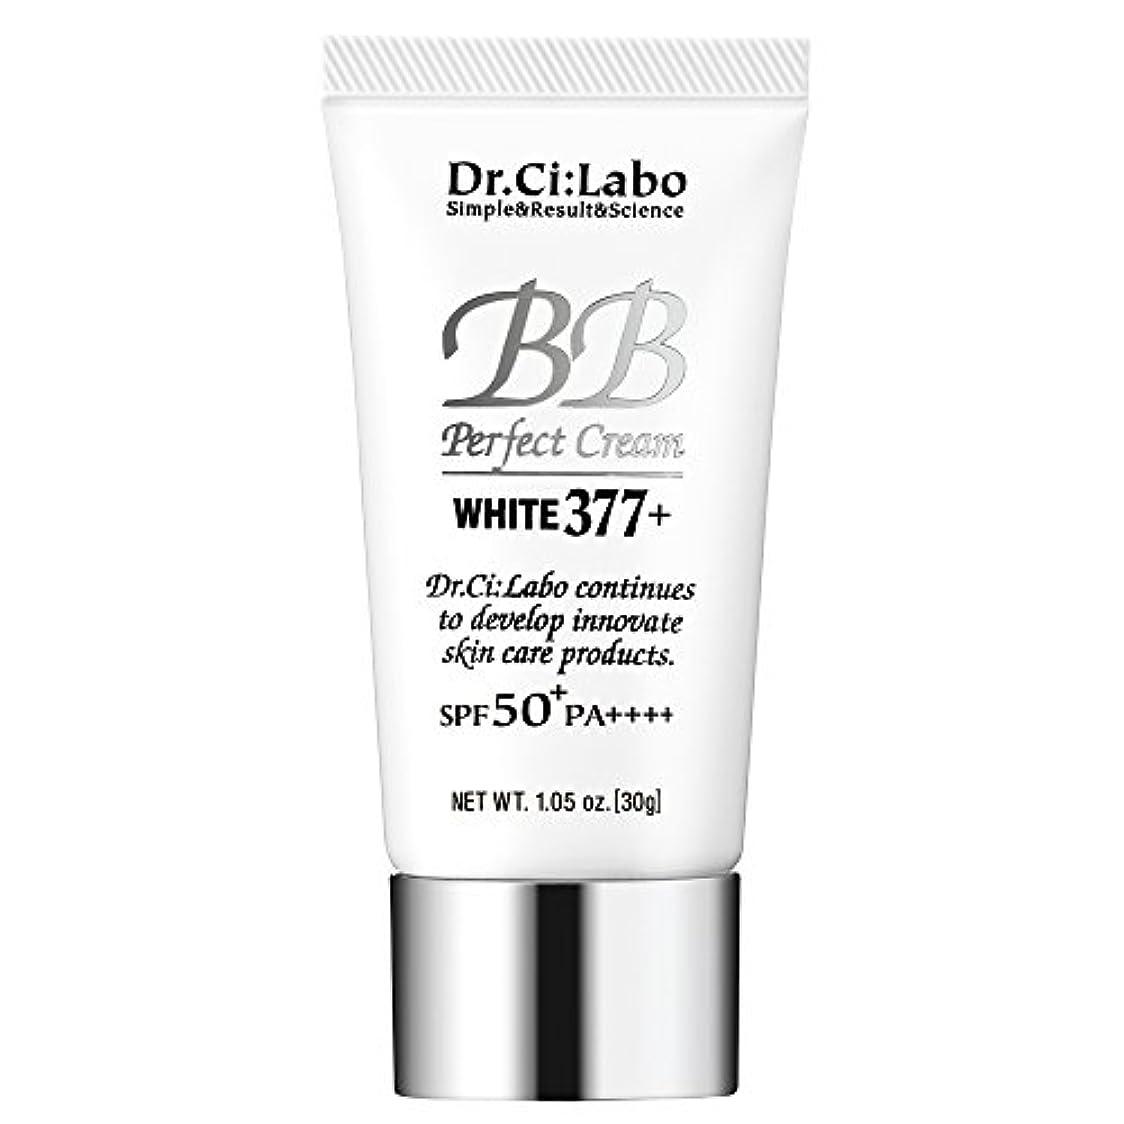 ハンドブック甘くするもっともらしいドクターシーラボ BBパーフェクトクリーム ホワイト377+ 30g 多機能ファンデーション 化粧下地